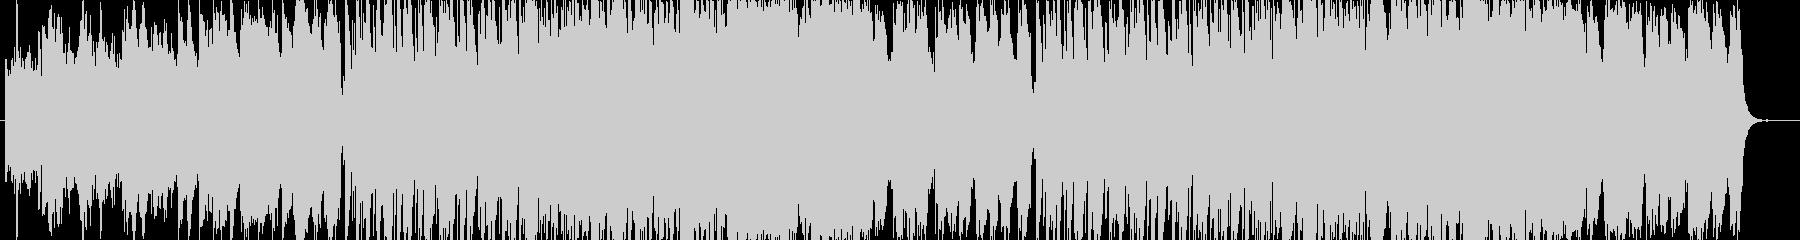 民族音楽と電子音楽の融合 流麗な調べの未再生の波形